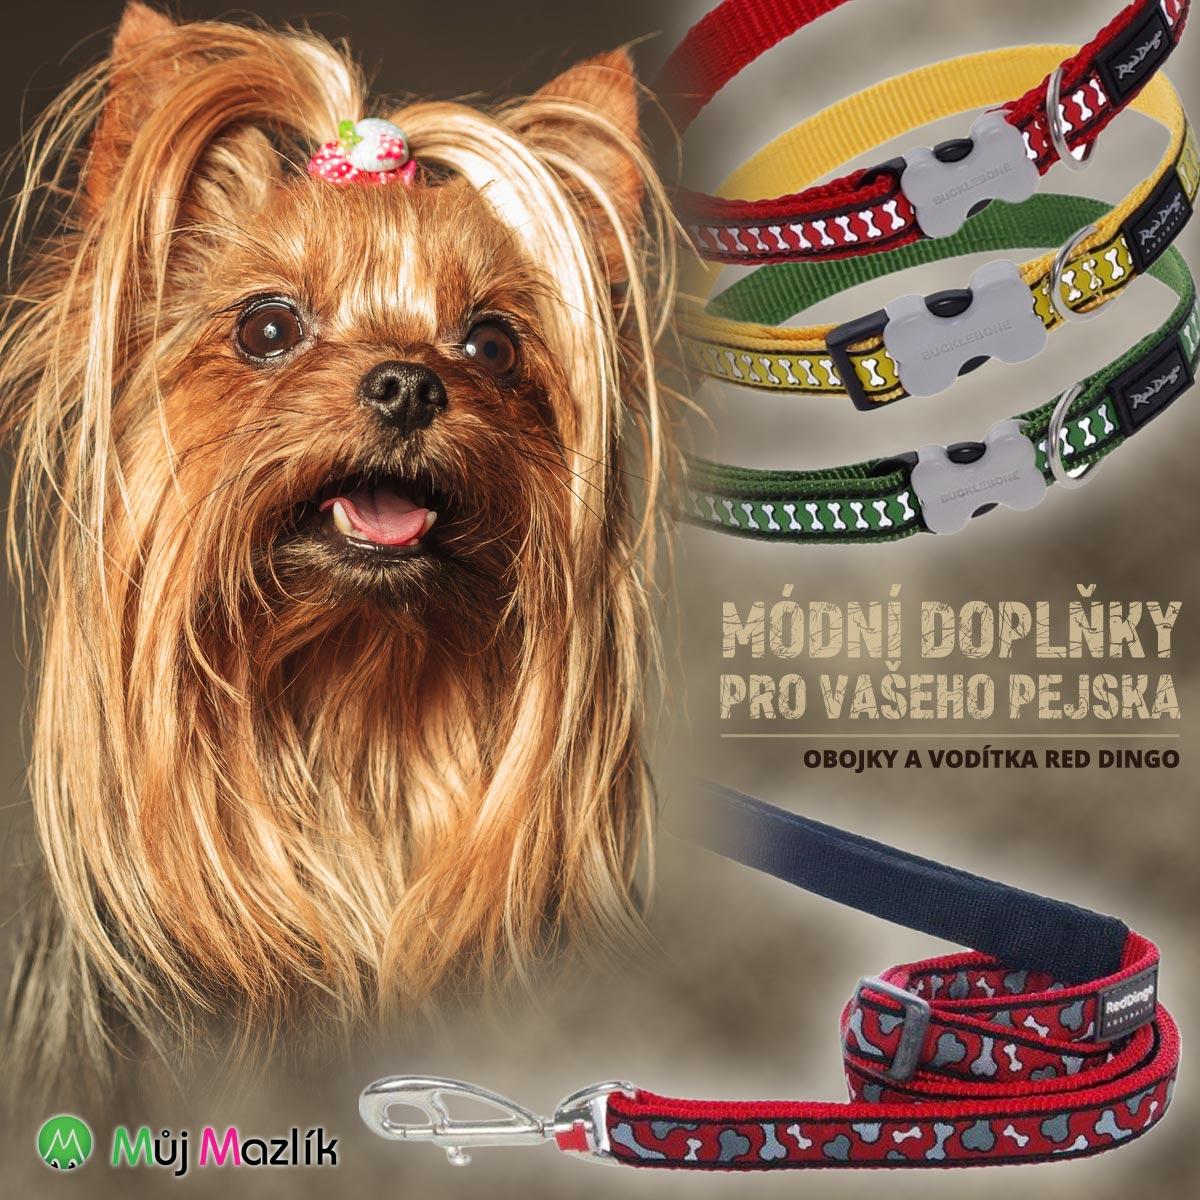 Pořiďte svým pejskům nádherné módní doplňky – obojky a vodítka značky Red Dingo! Prodává je e-shop s potřebami pro psy Mujmazlik.cz.